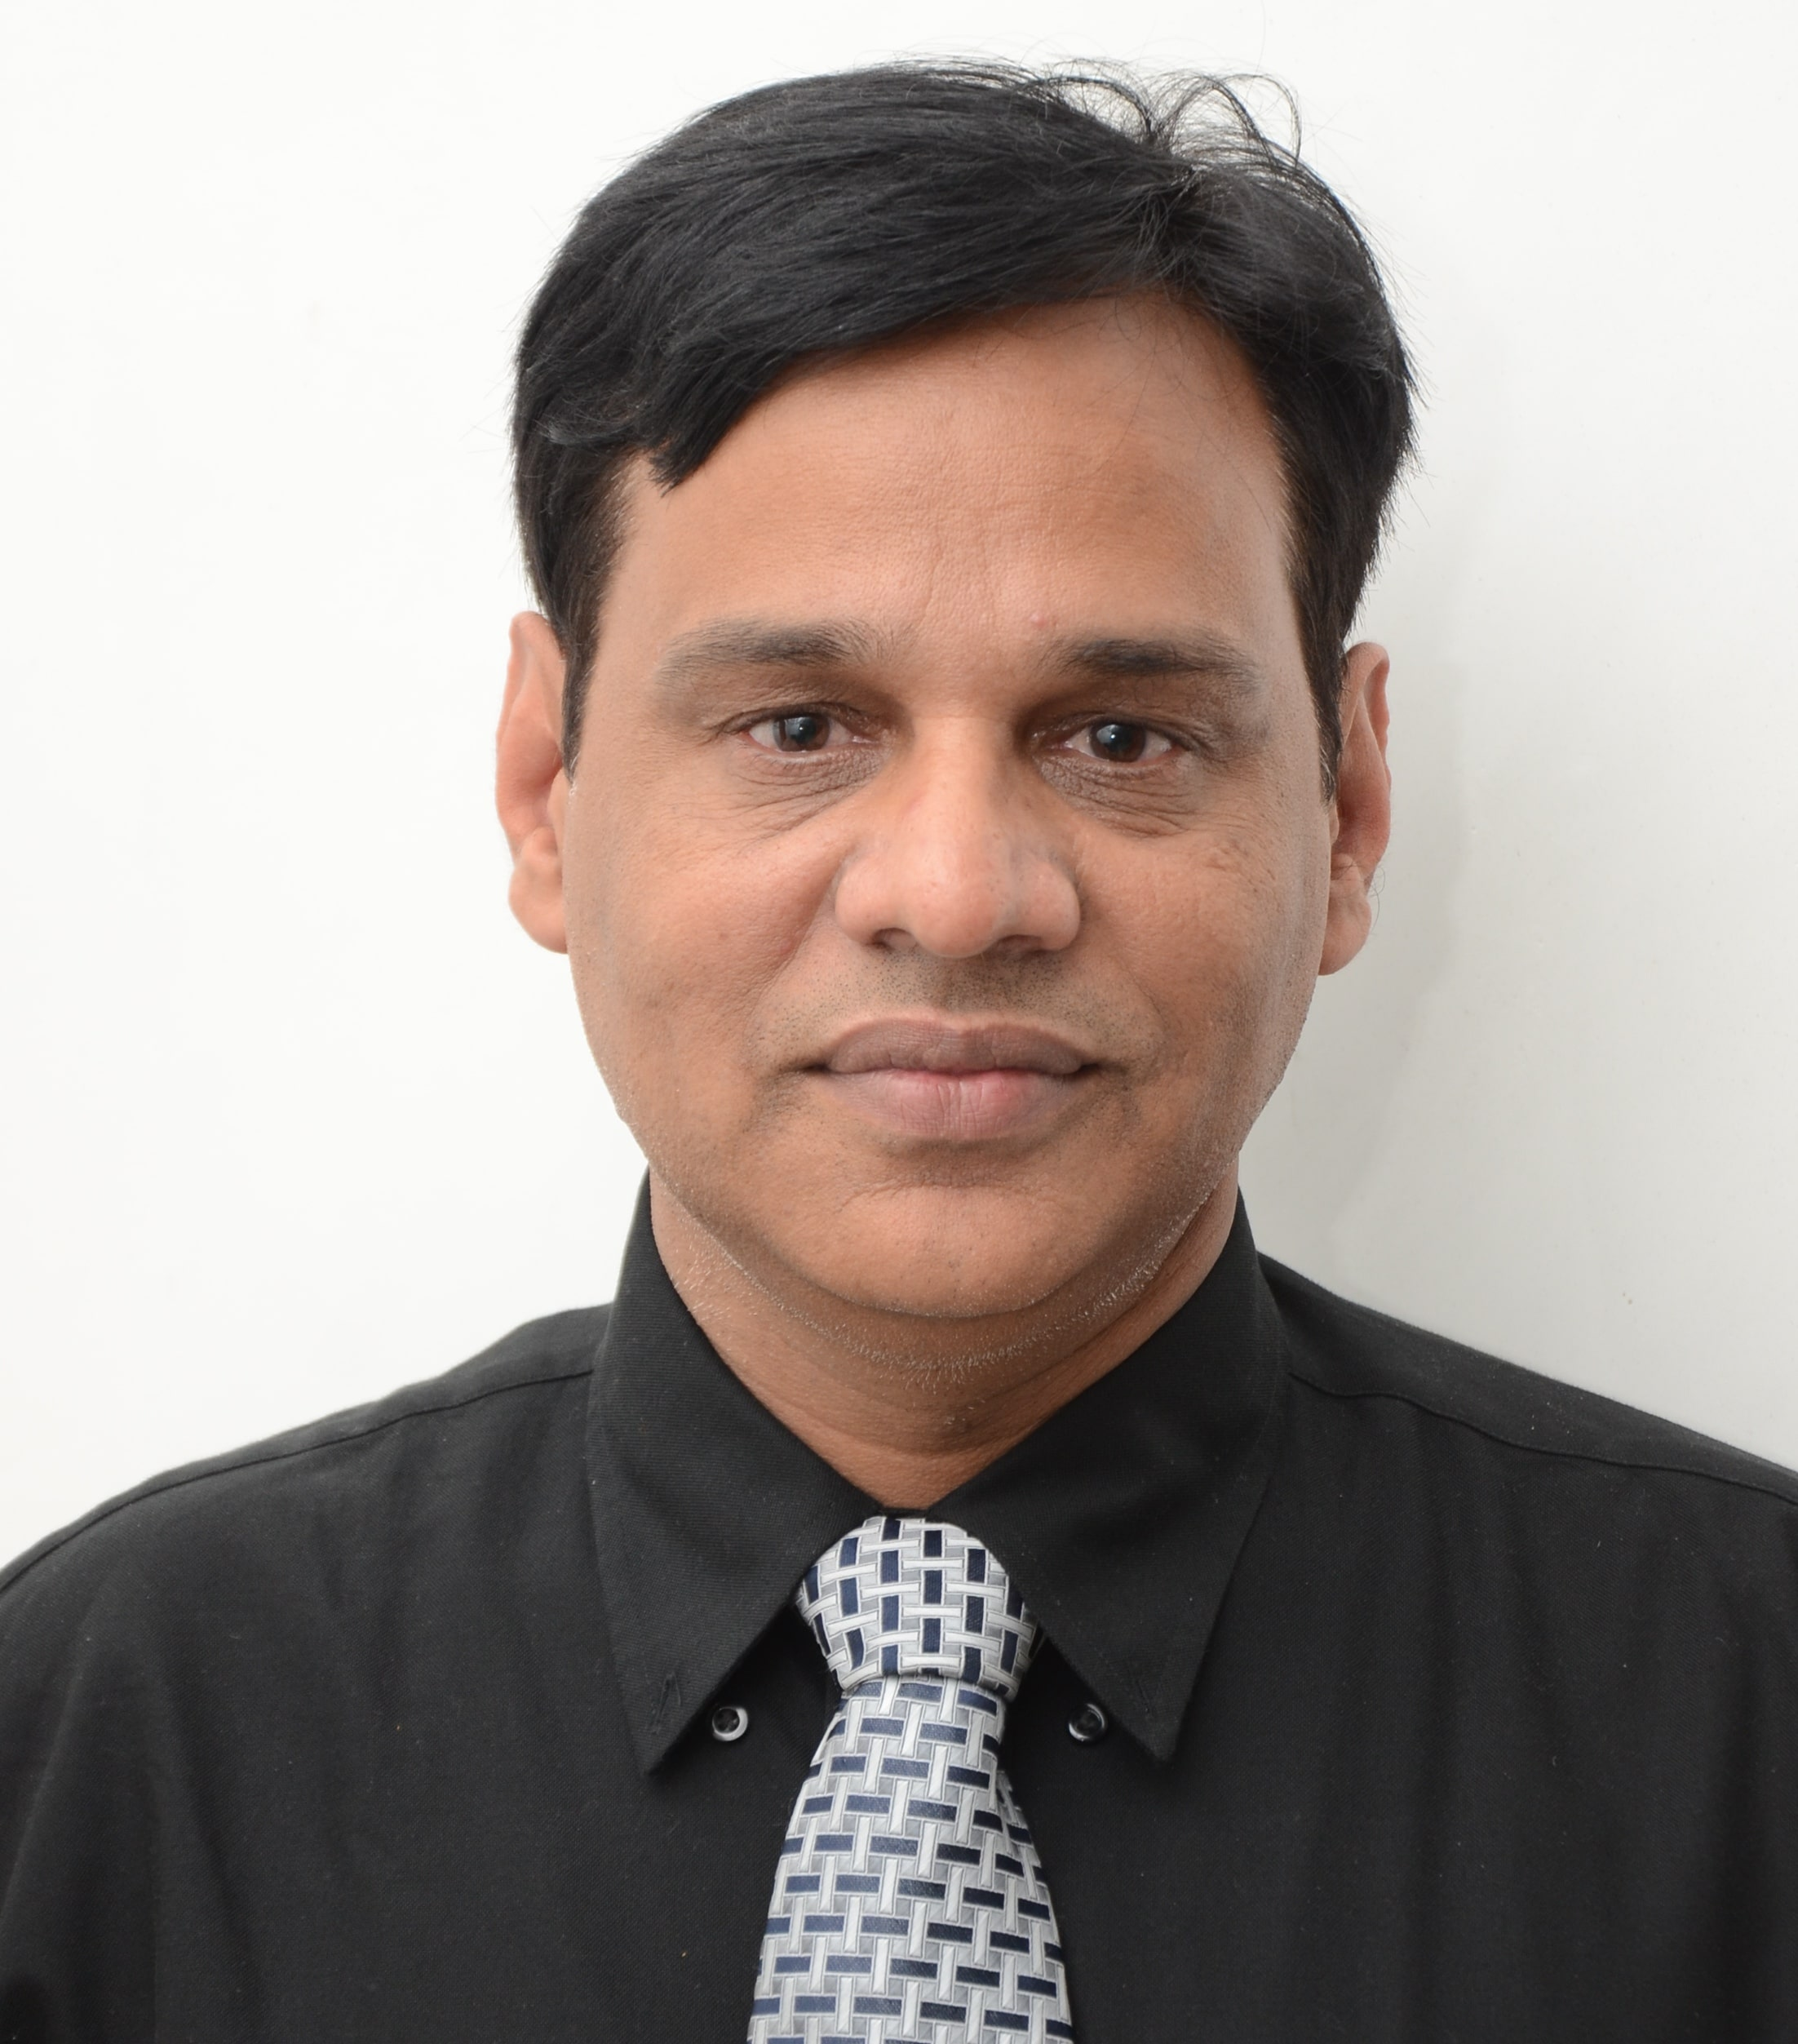 Dr. Sudhir Singh